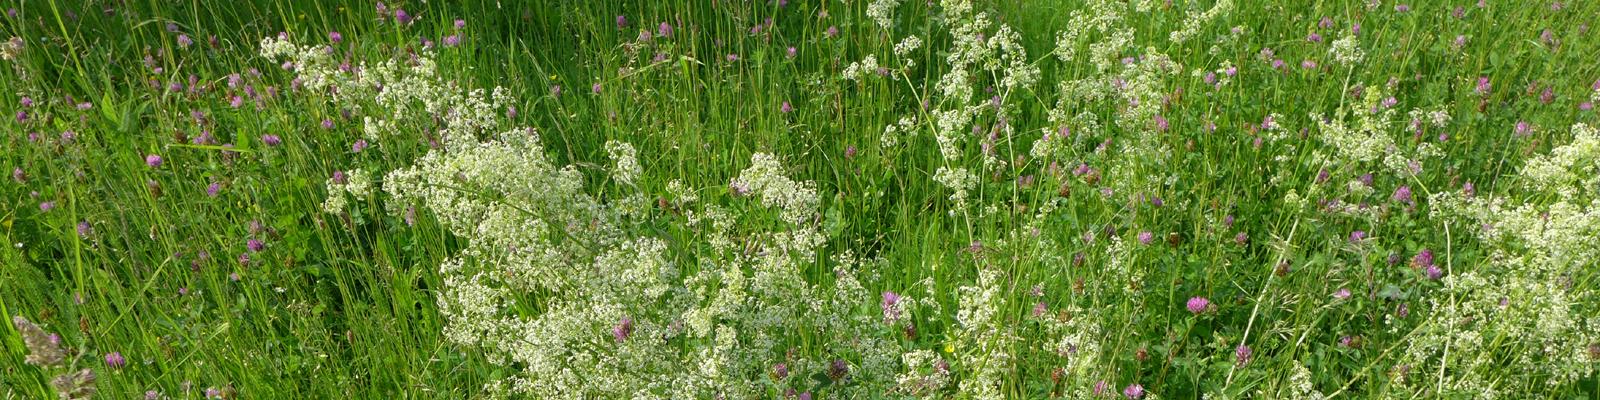 Blog/Aktuelles Headerbild © Kersten Sitte, www.essbarewildpflanzen.at